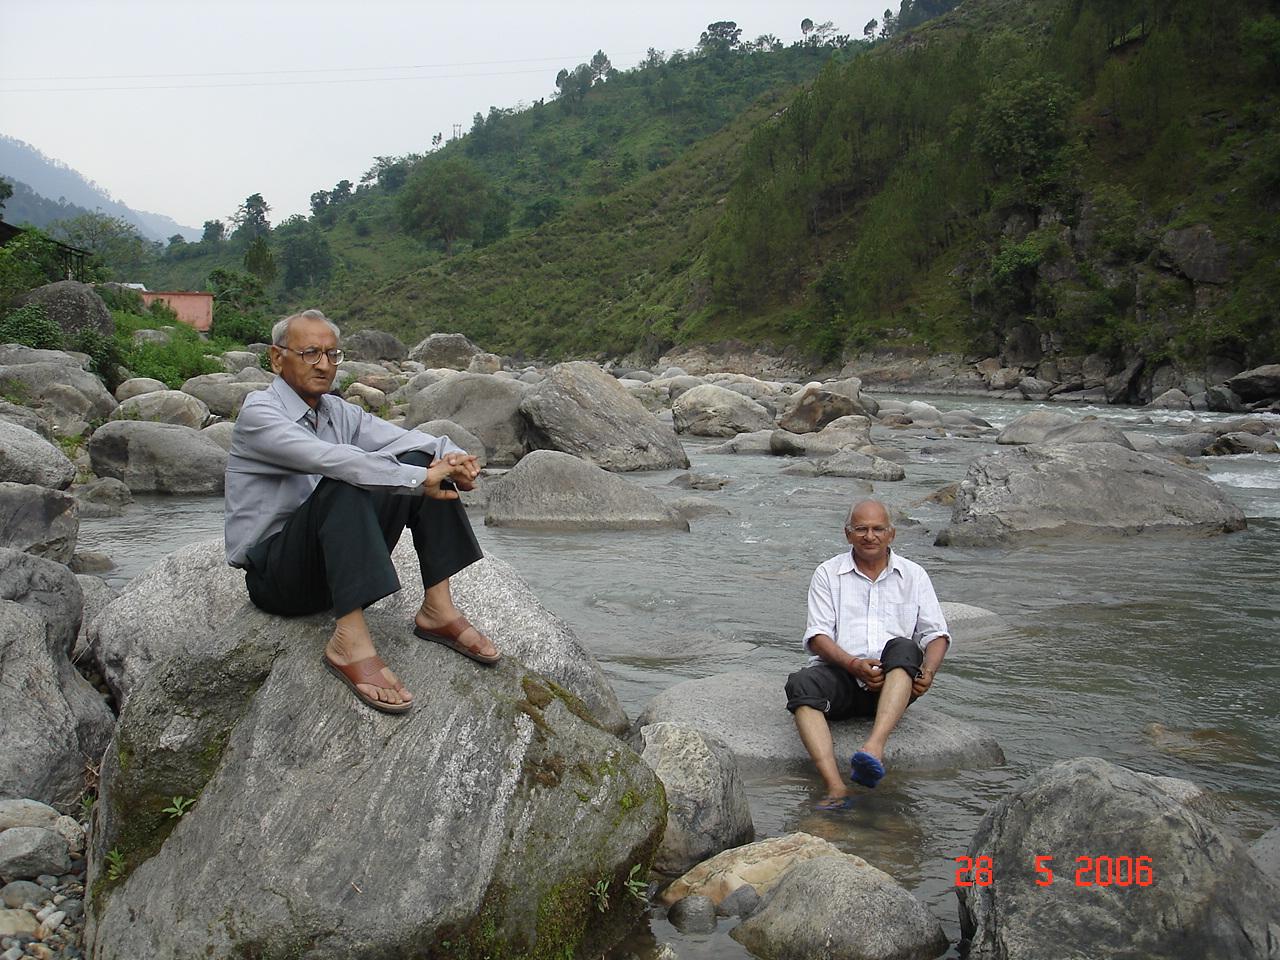 Chandrapuri riverbed